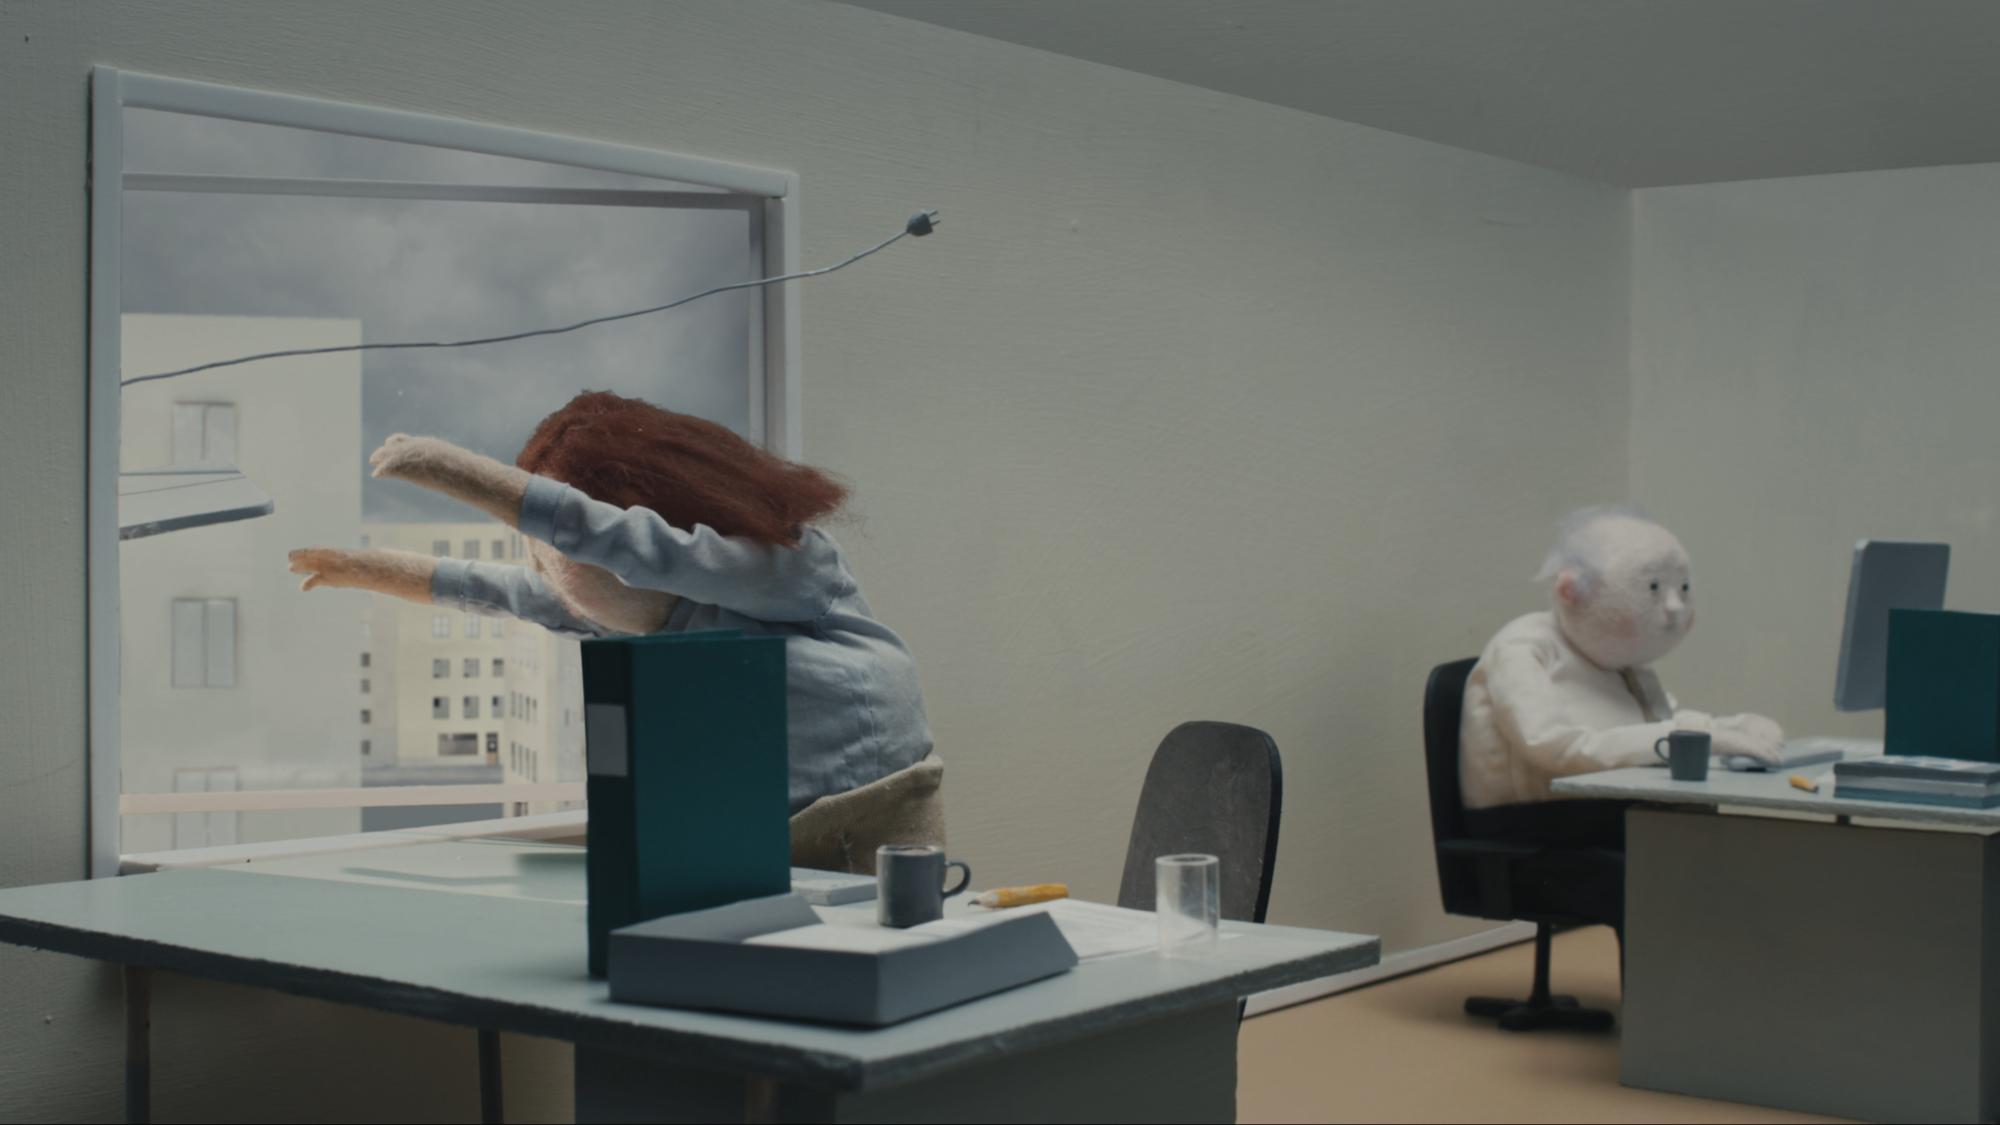 Un'animazione catartica sull'averne abbastanza (e dimostrarlo)